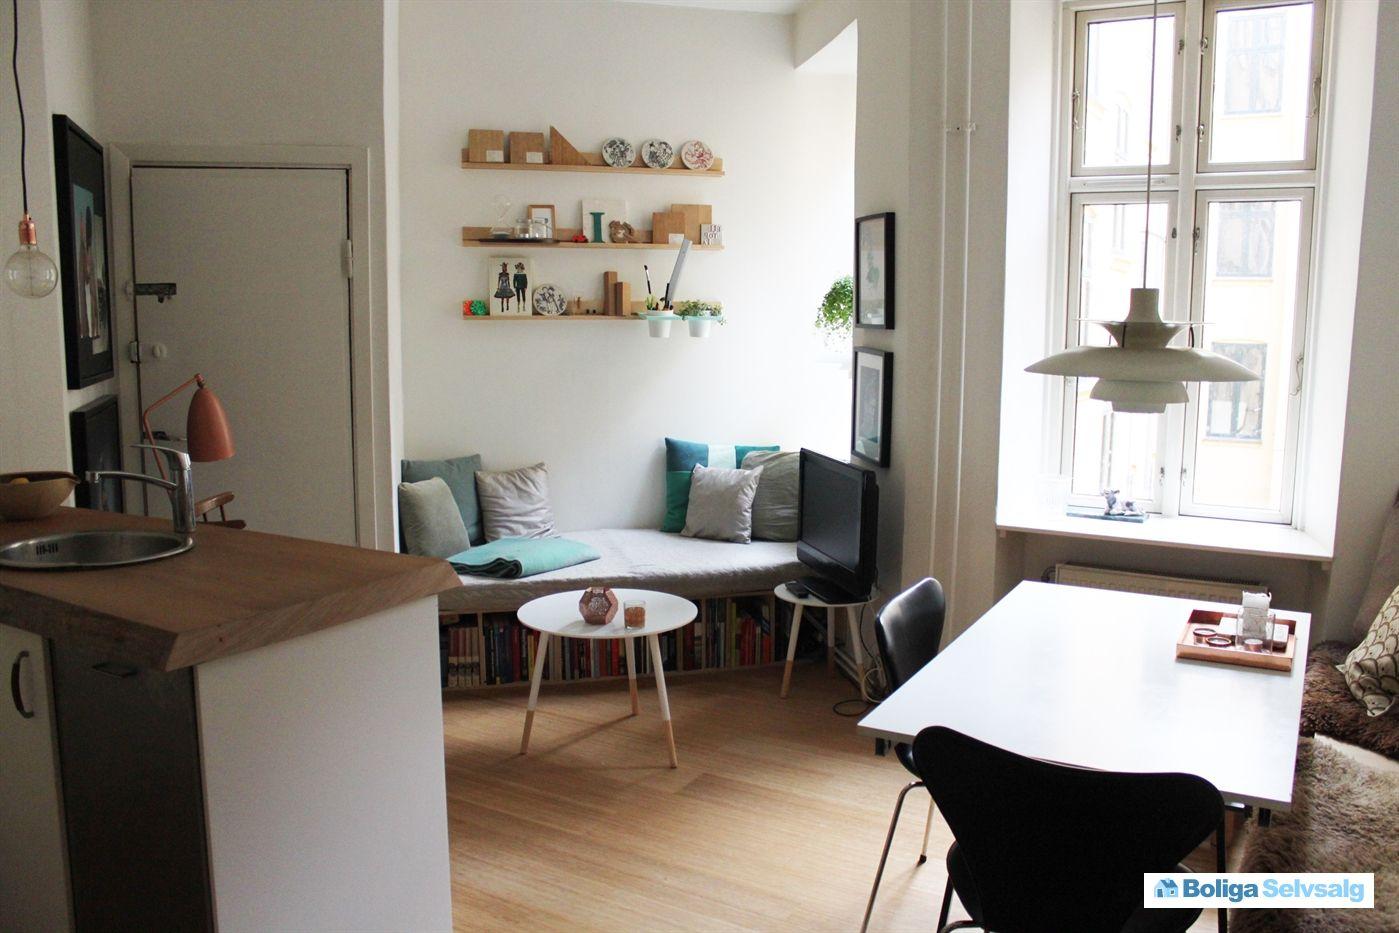 Rømersgade 20B, 1., 1362 København K - Smuk lejlighed med unik beliggenhed #andel #andelsbolig # ...